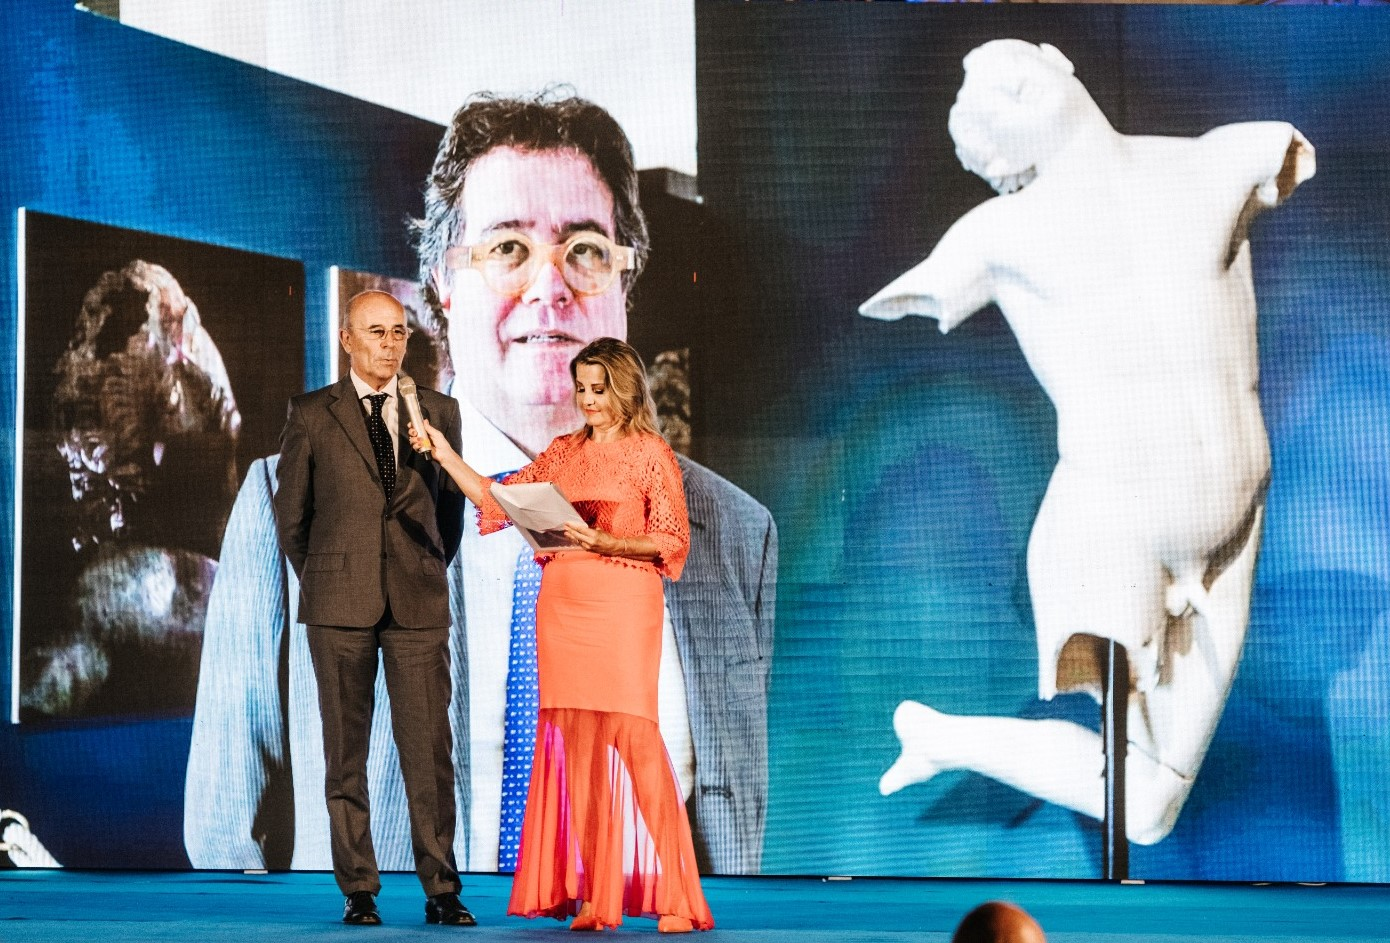 Marina di Ragusa, il tema del Mediterraneo in 'A tutto volume' sarà premiato al 'Trofeo del Mare'